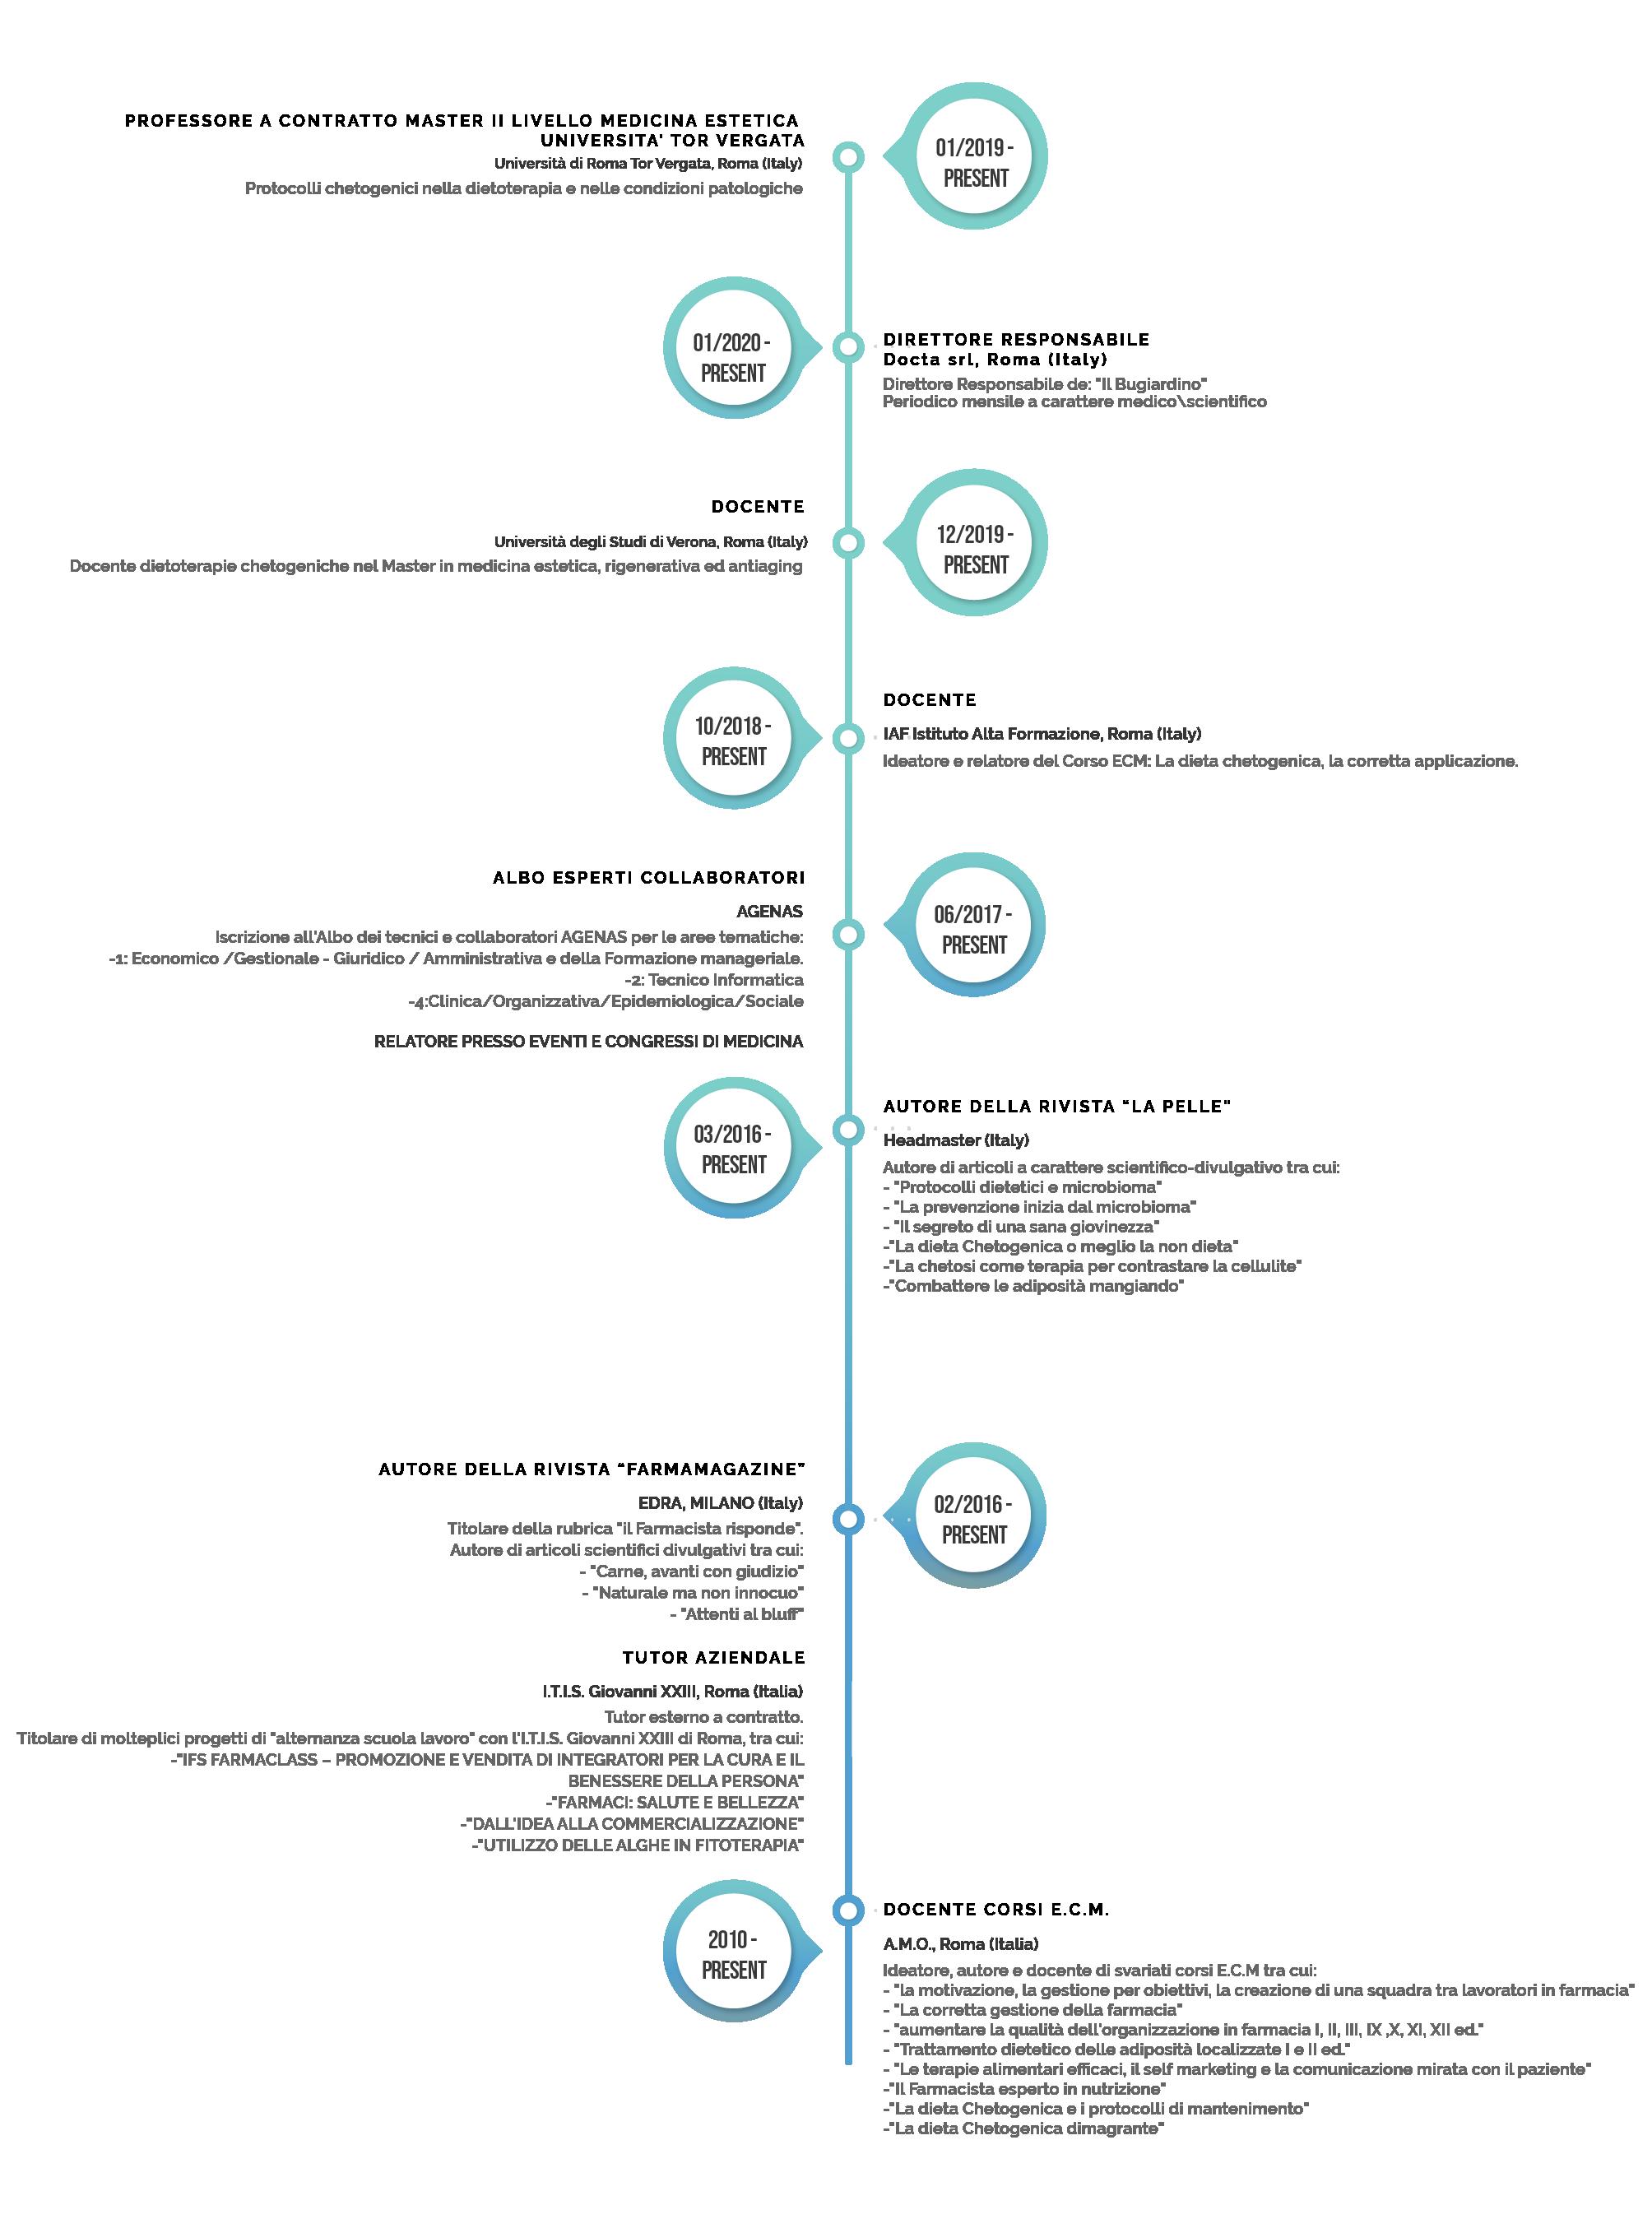 CURRICULUM VITAE timeline